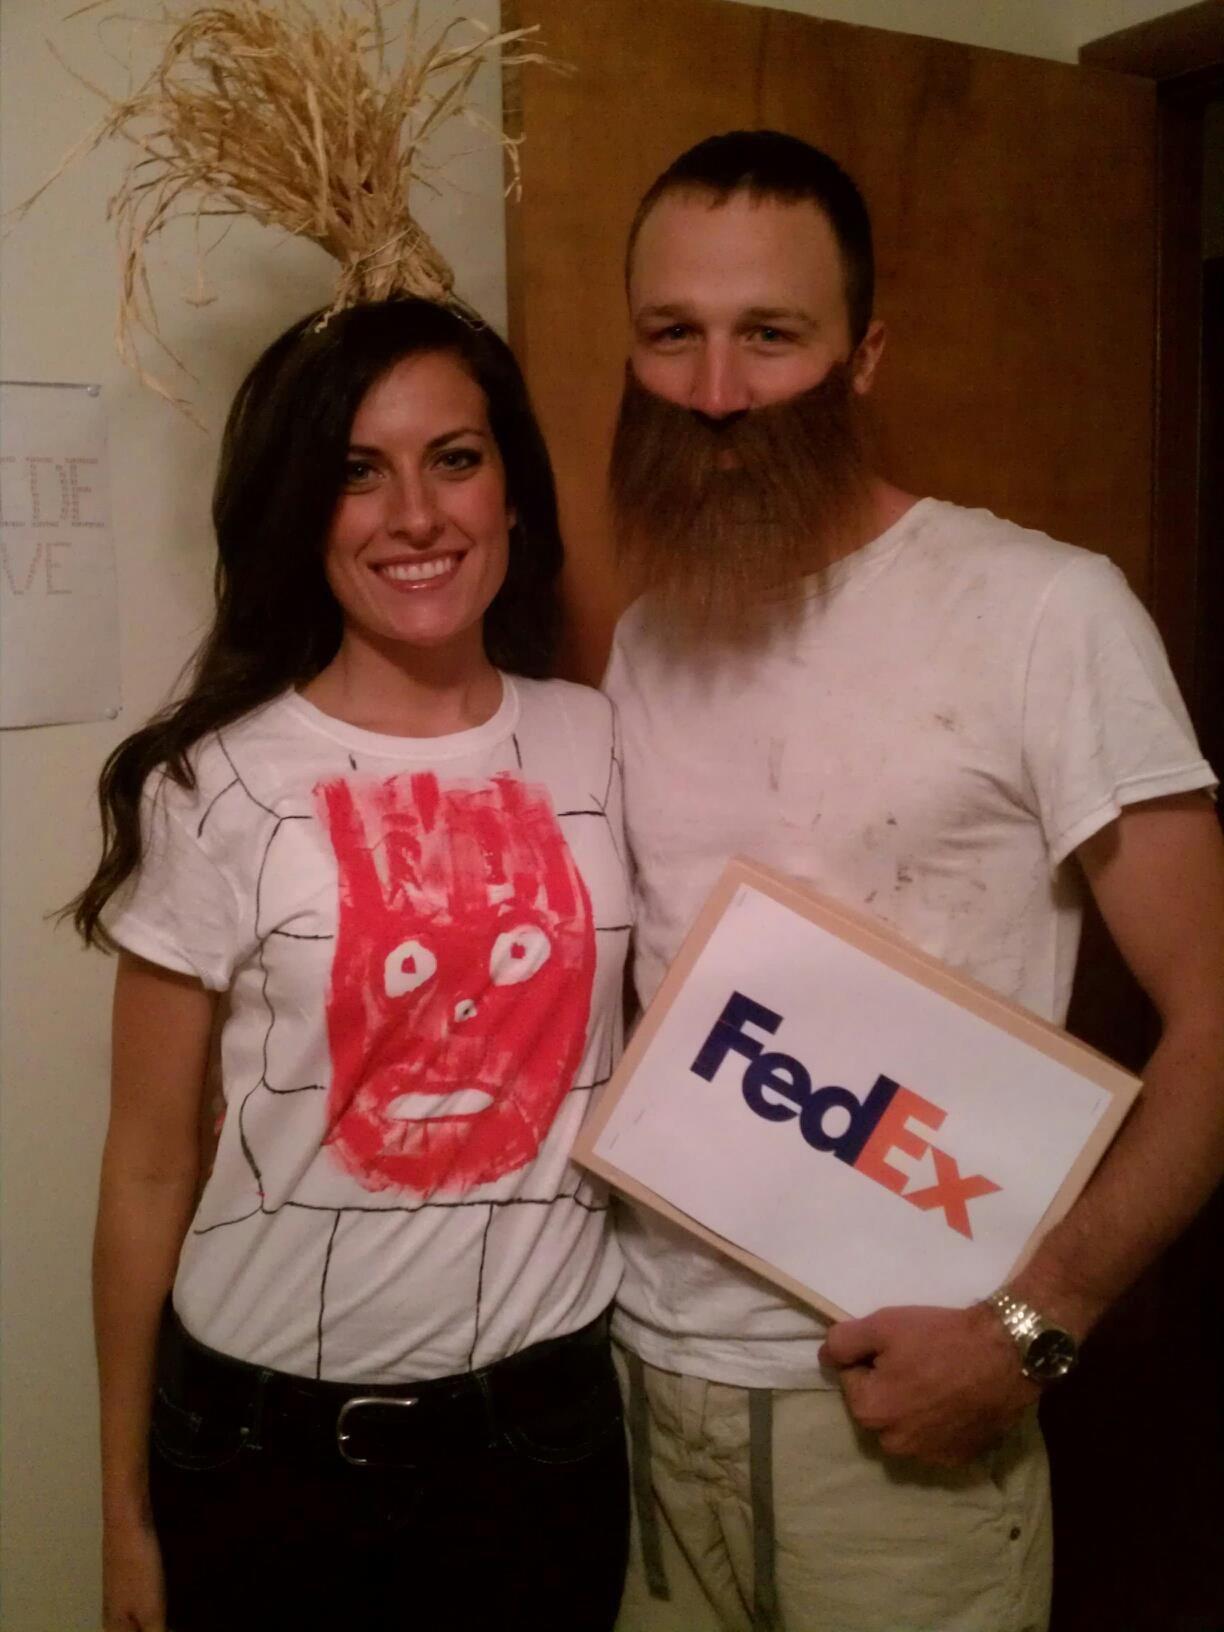 couples halloween costume tom hanks and wilson castaway